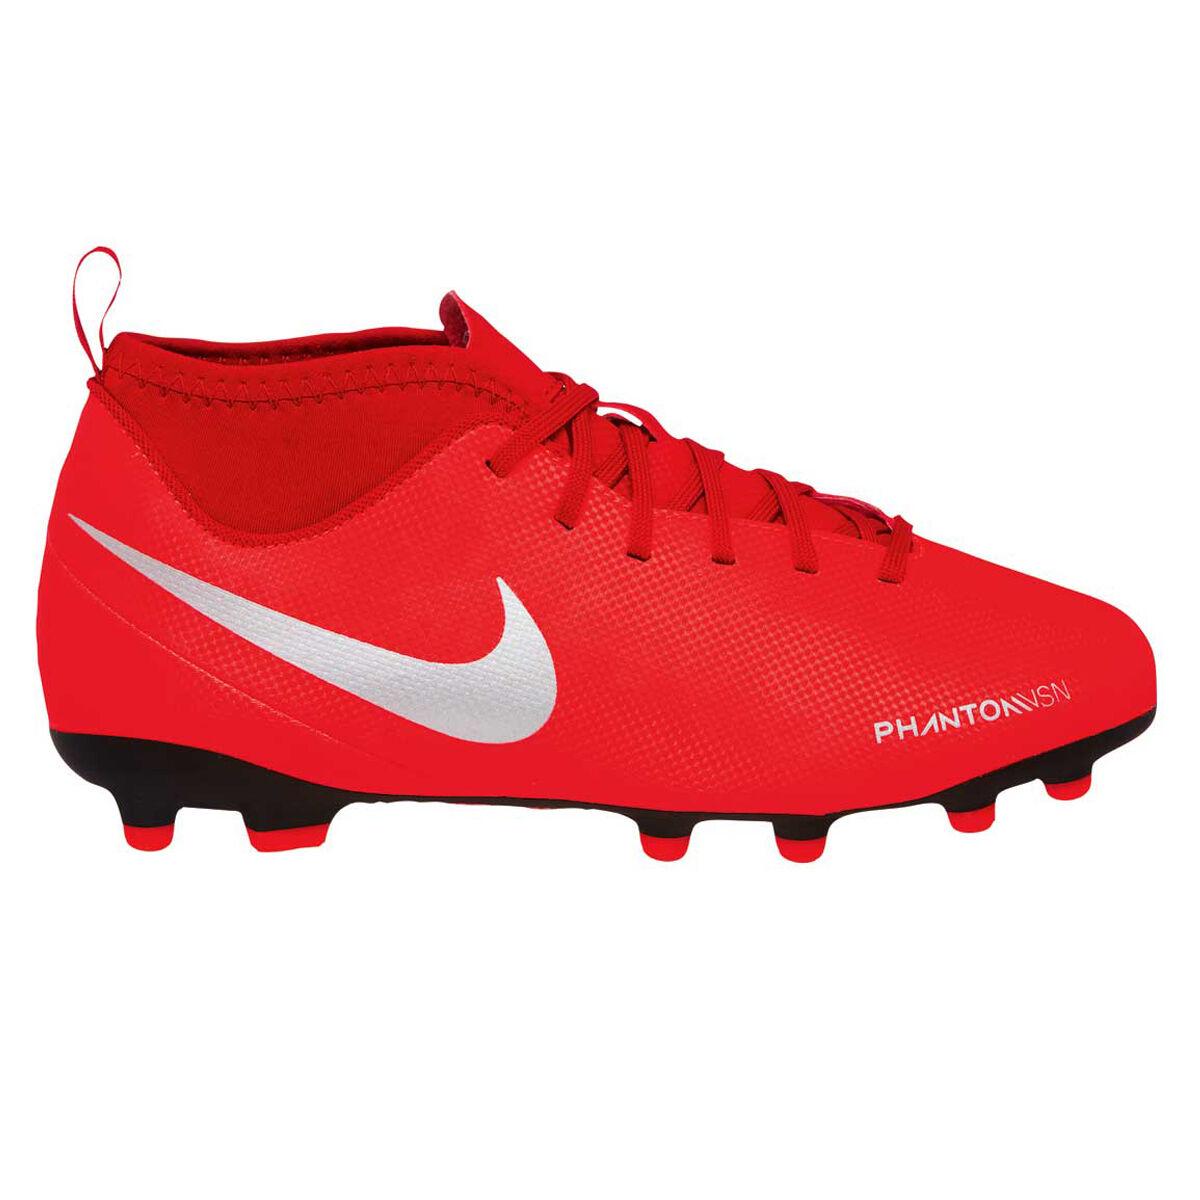 Nike Phantom Vision Club Kids Football